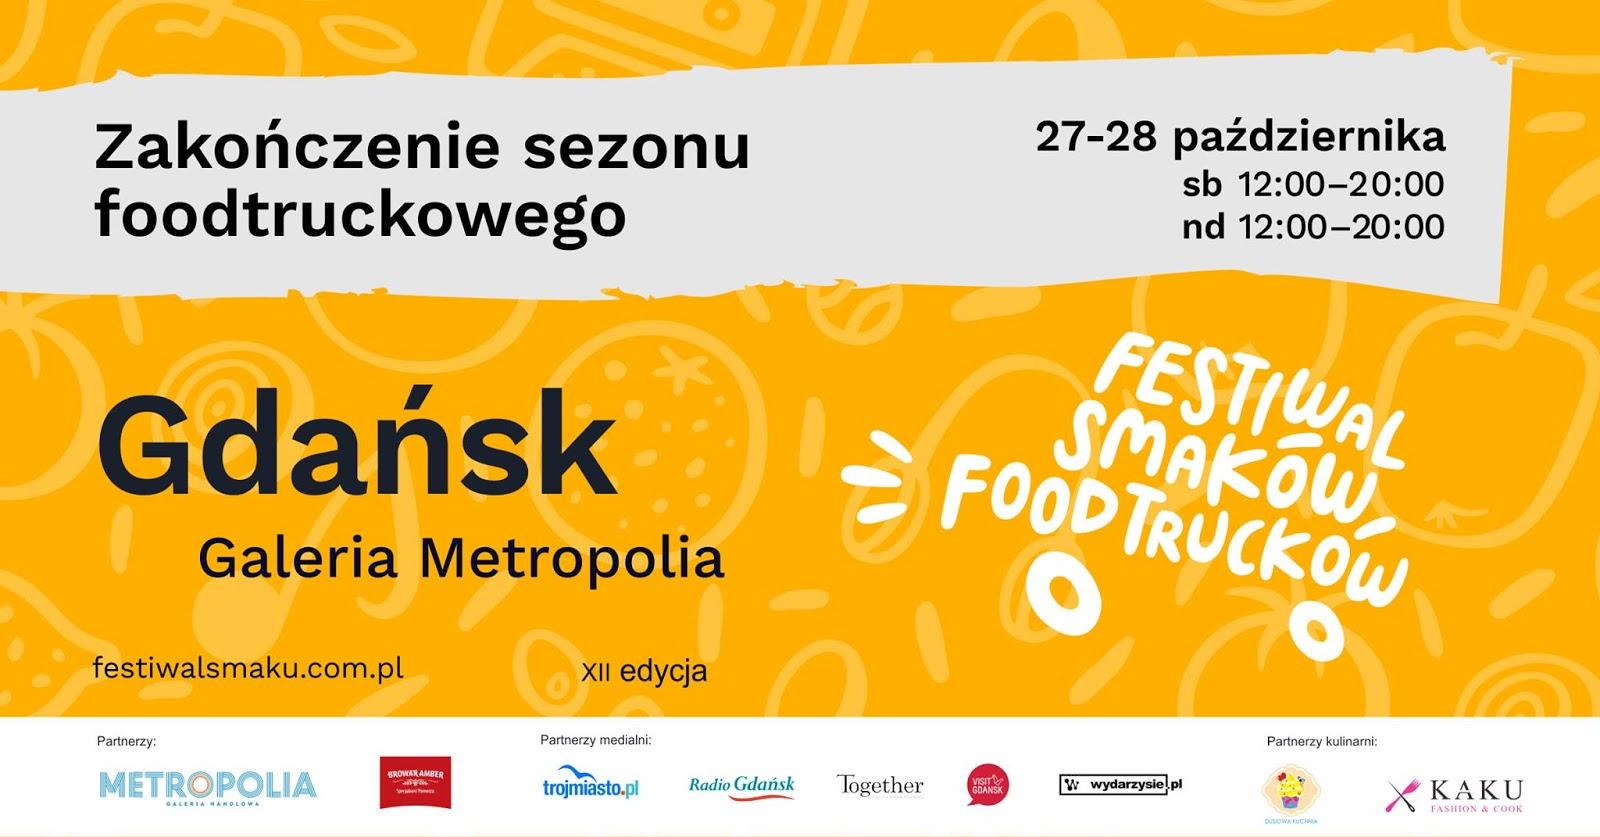 Zakończenie sezonu foodtruckowego (Galeria Metropolia) KONKURS